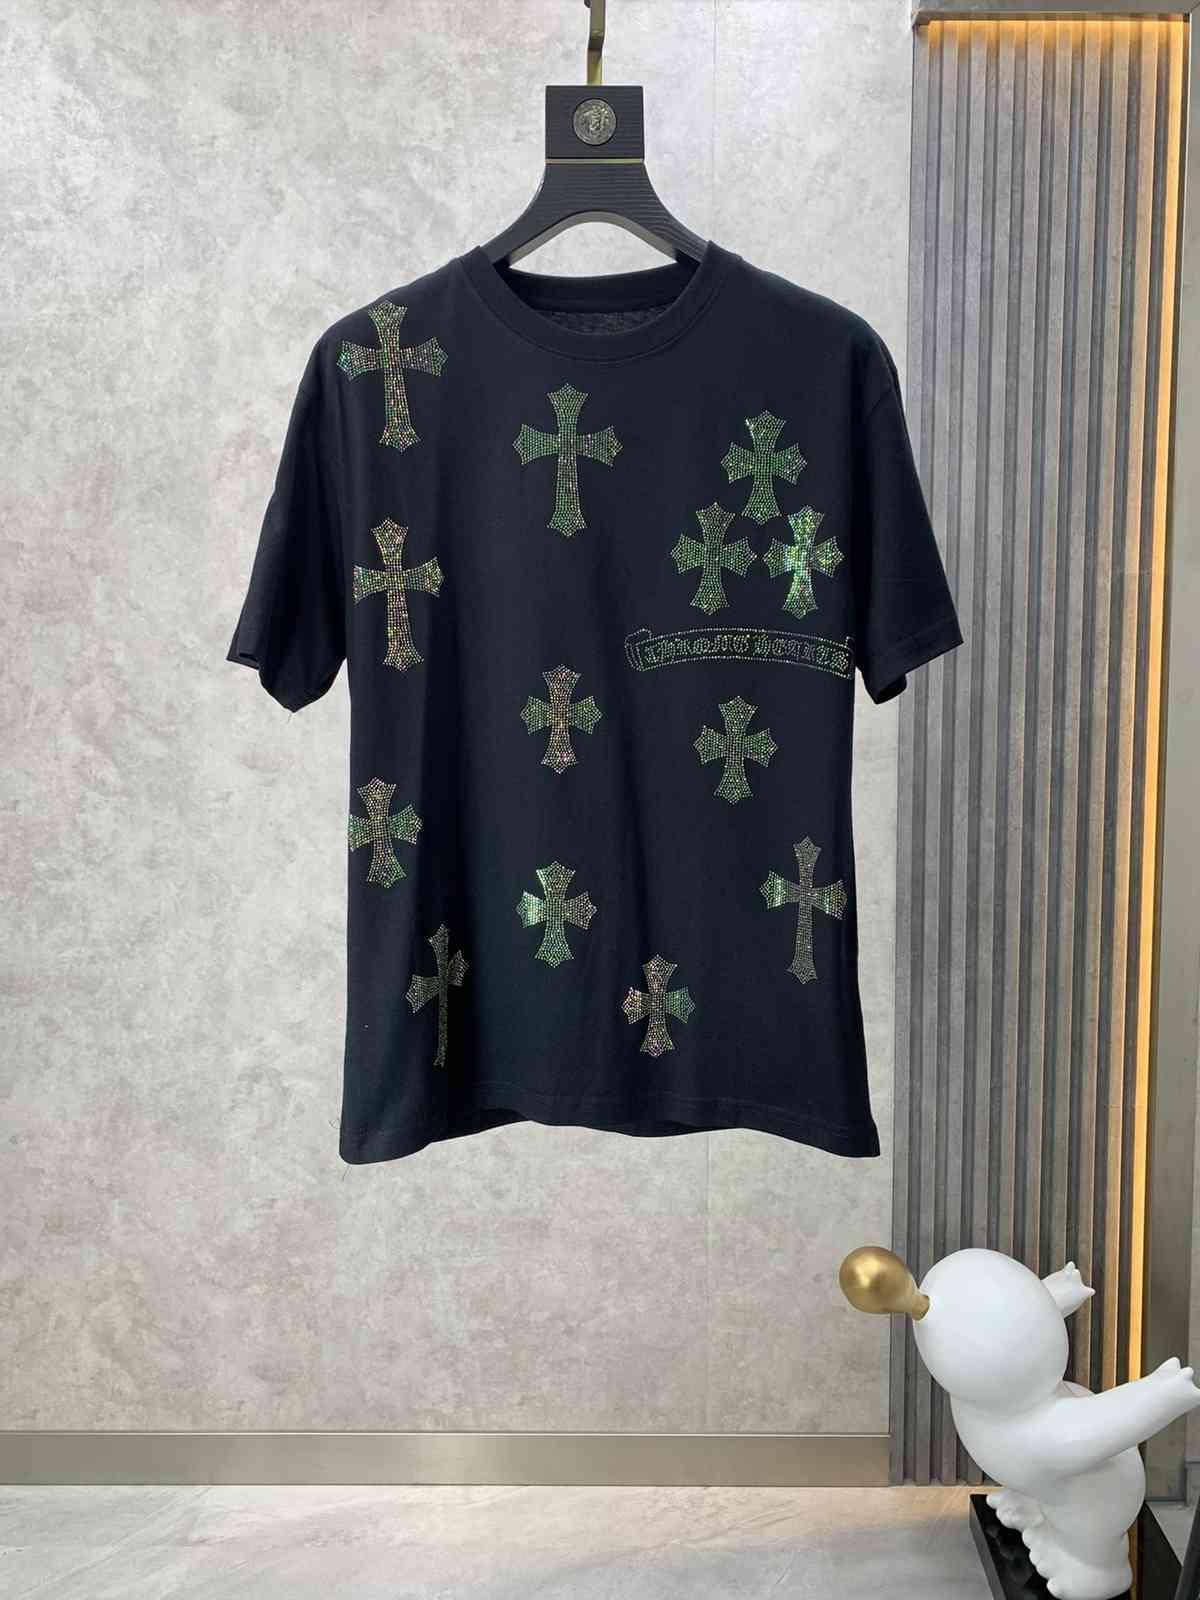 T-shirt en coton à manches courtes croisées croisées pour hommes et vêtements pour femmes